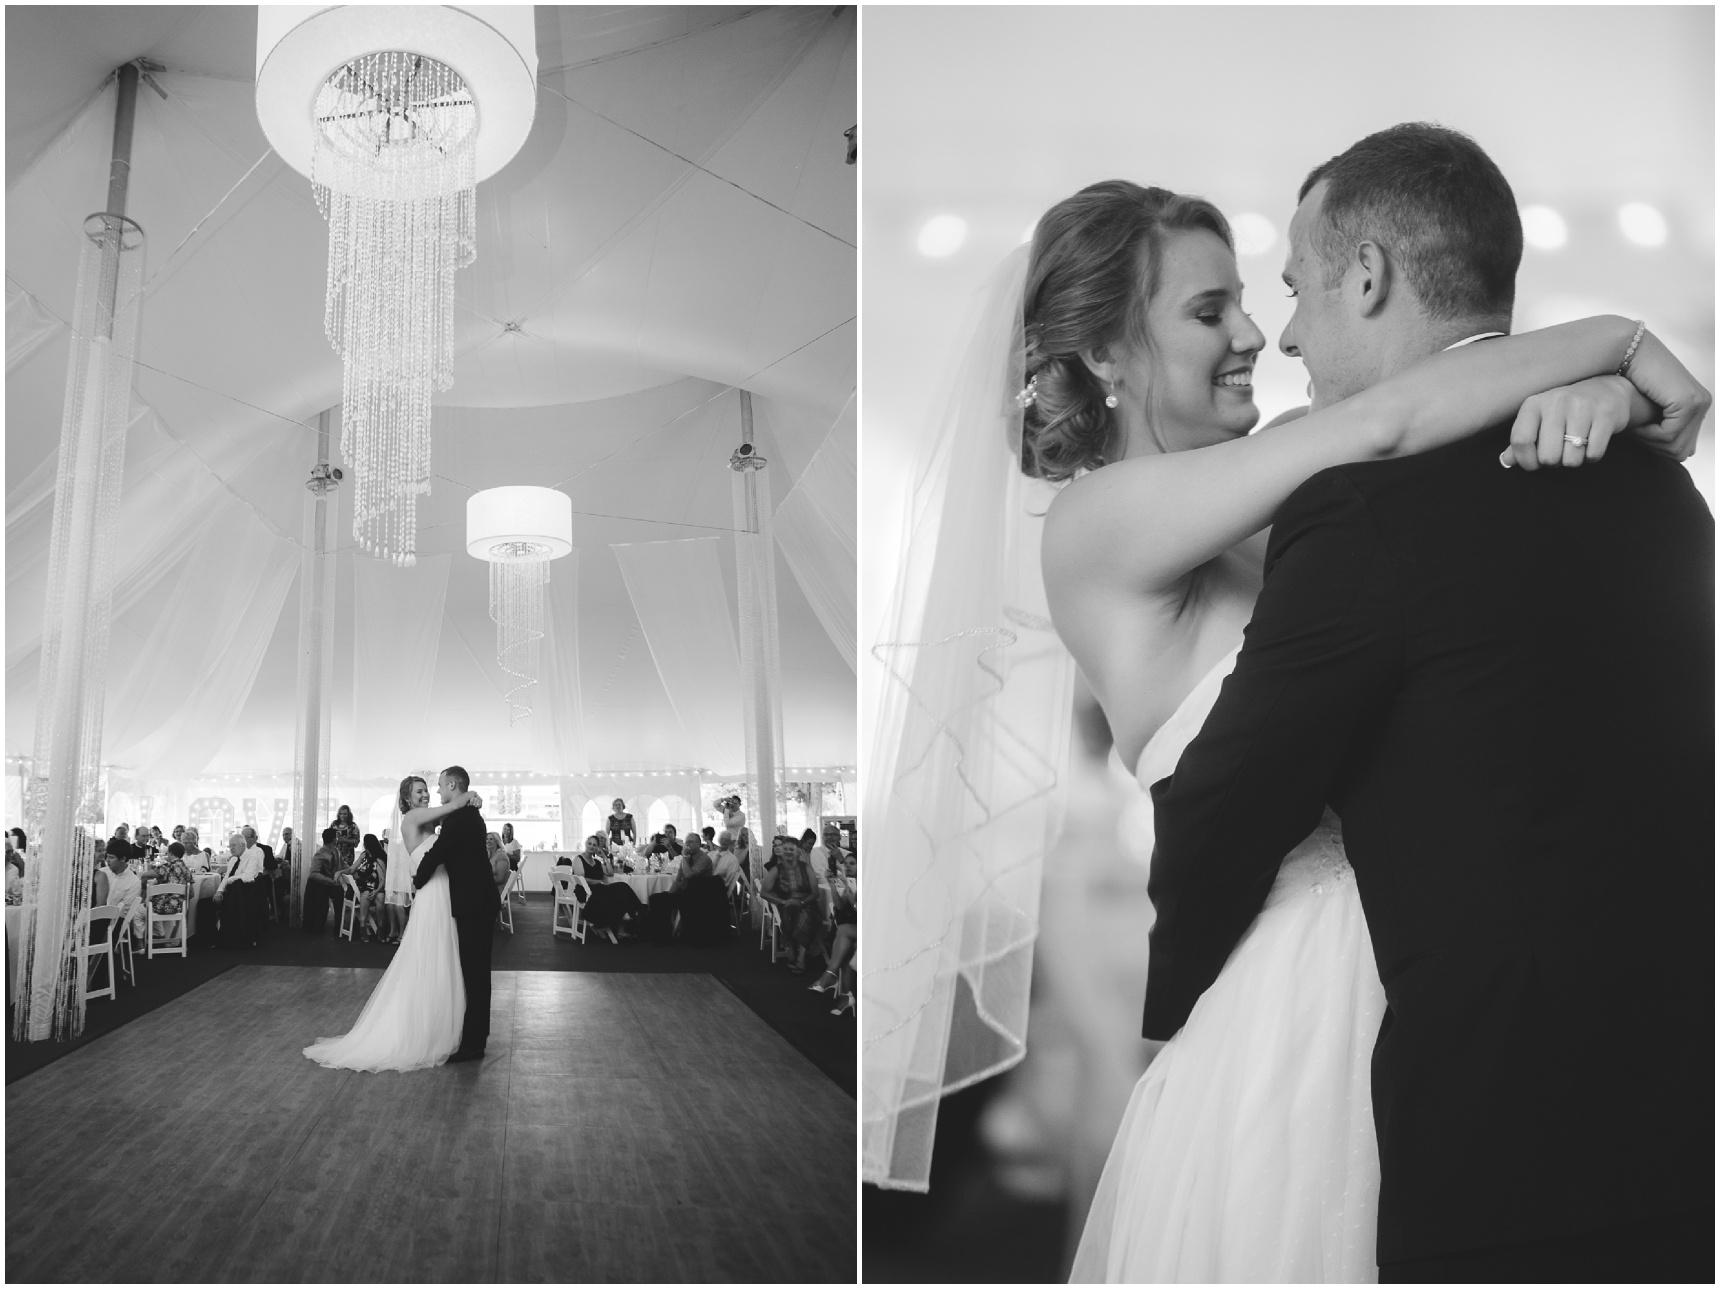 Buffalo-Avanti-Wedding-Photographer_057.jpg